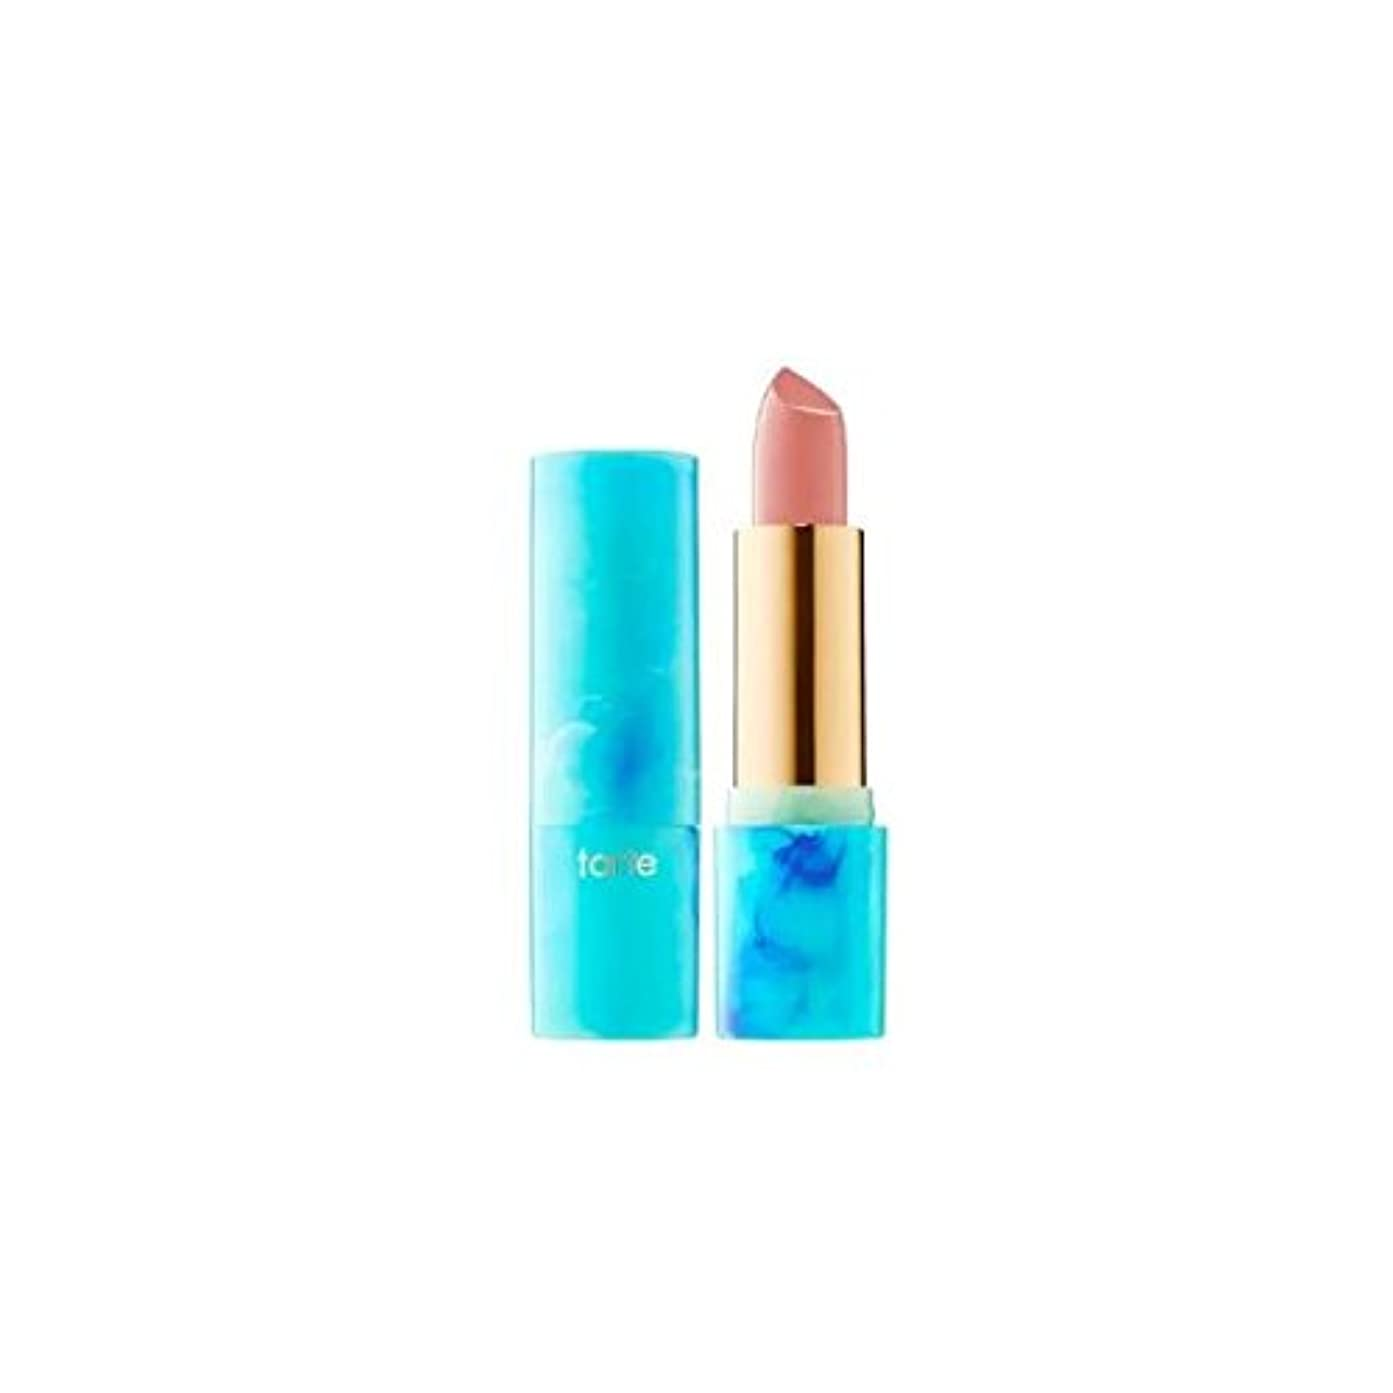 エッセンスステレオタイプ潮tarteタルト リップ Color Splash Lipstick - Rainforest of the Sea Collection Satin finish